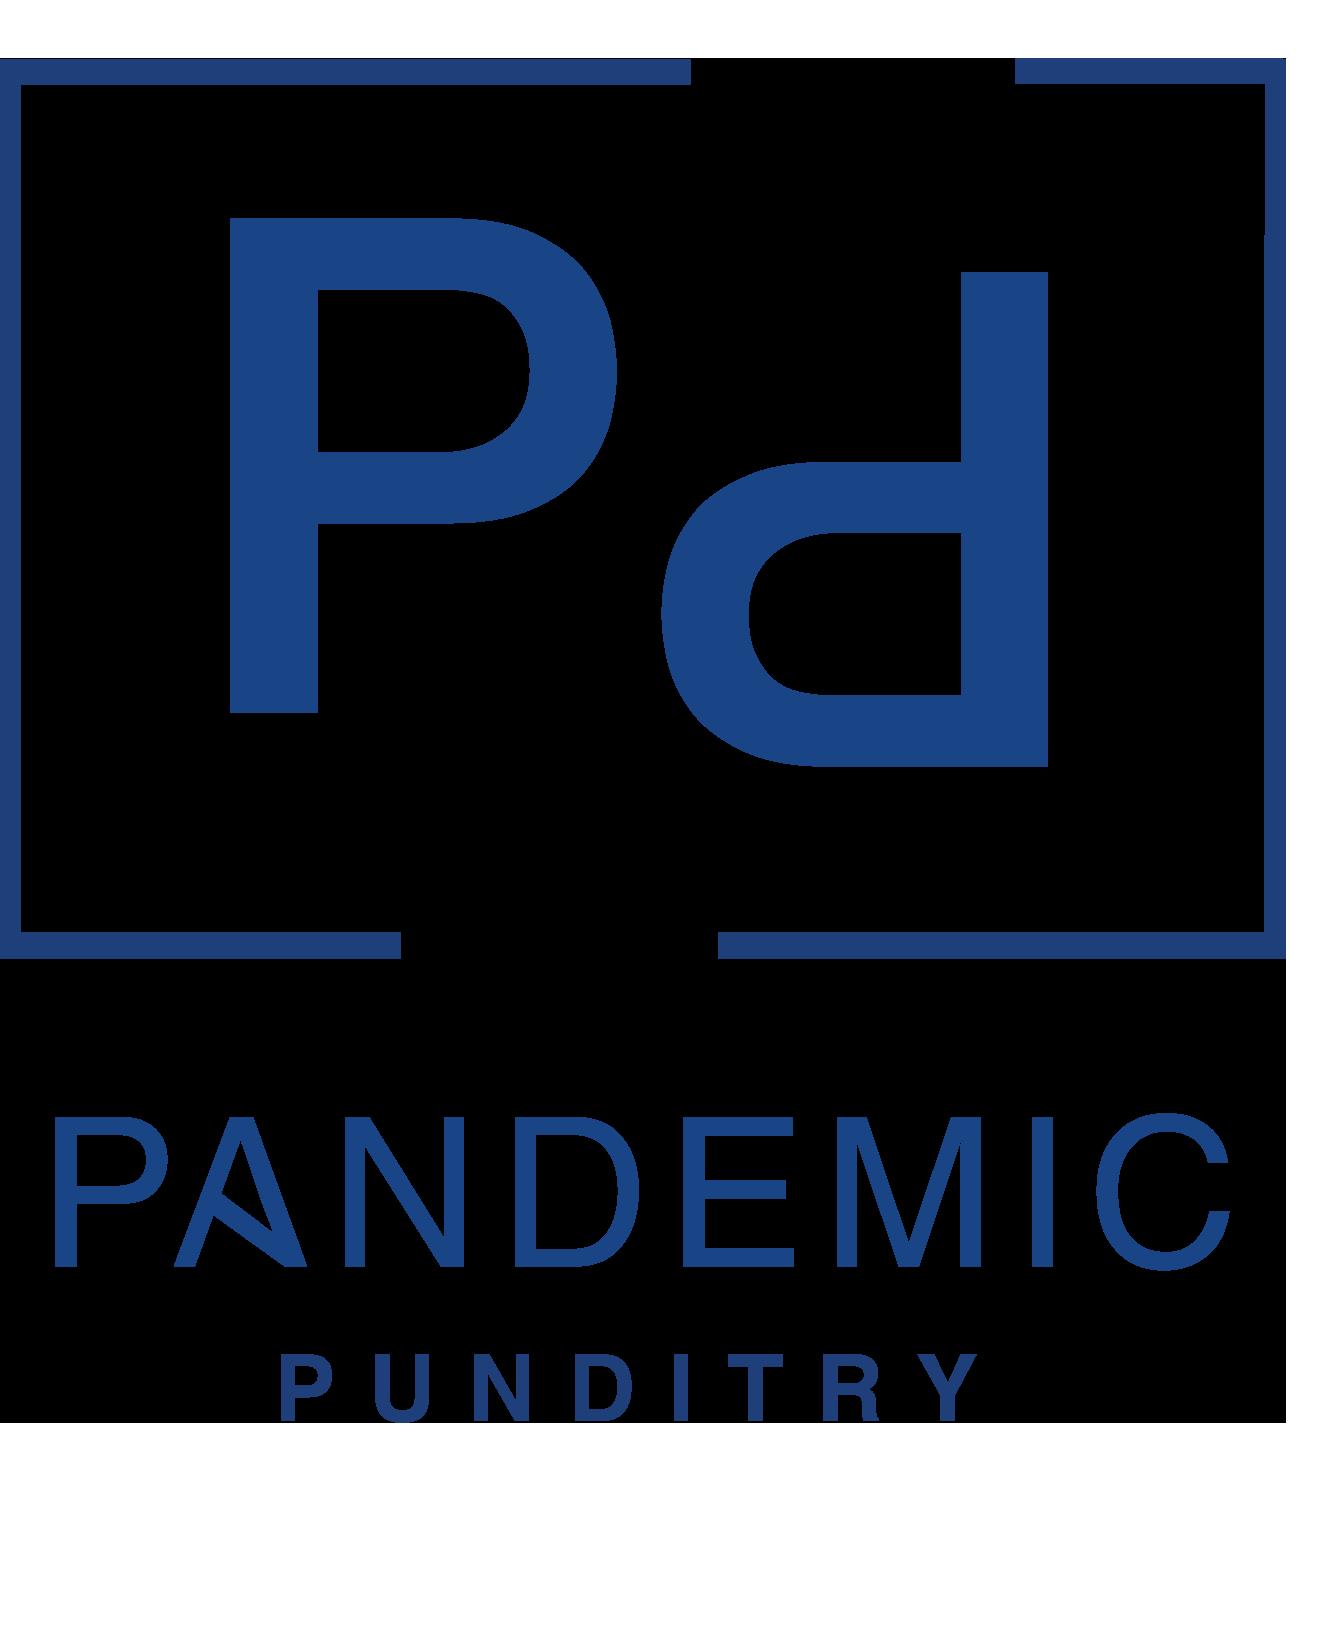 pandemicpunditry.com